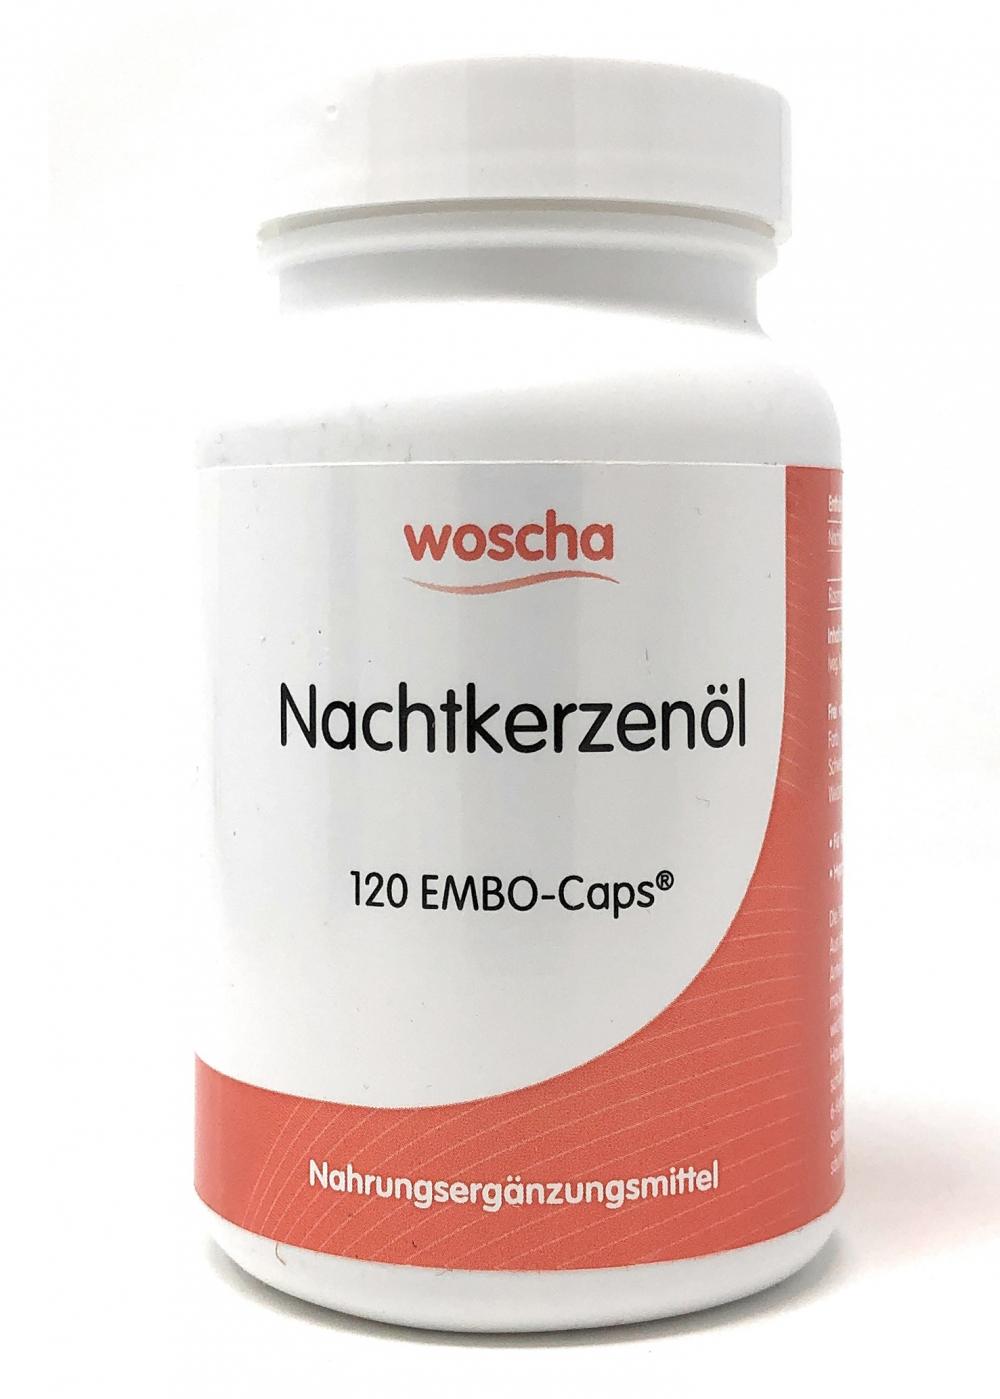 woscha Nachtkerzenöl 120 Embo-Caps (74g)(vegan)